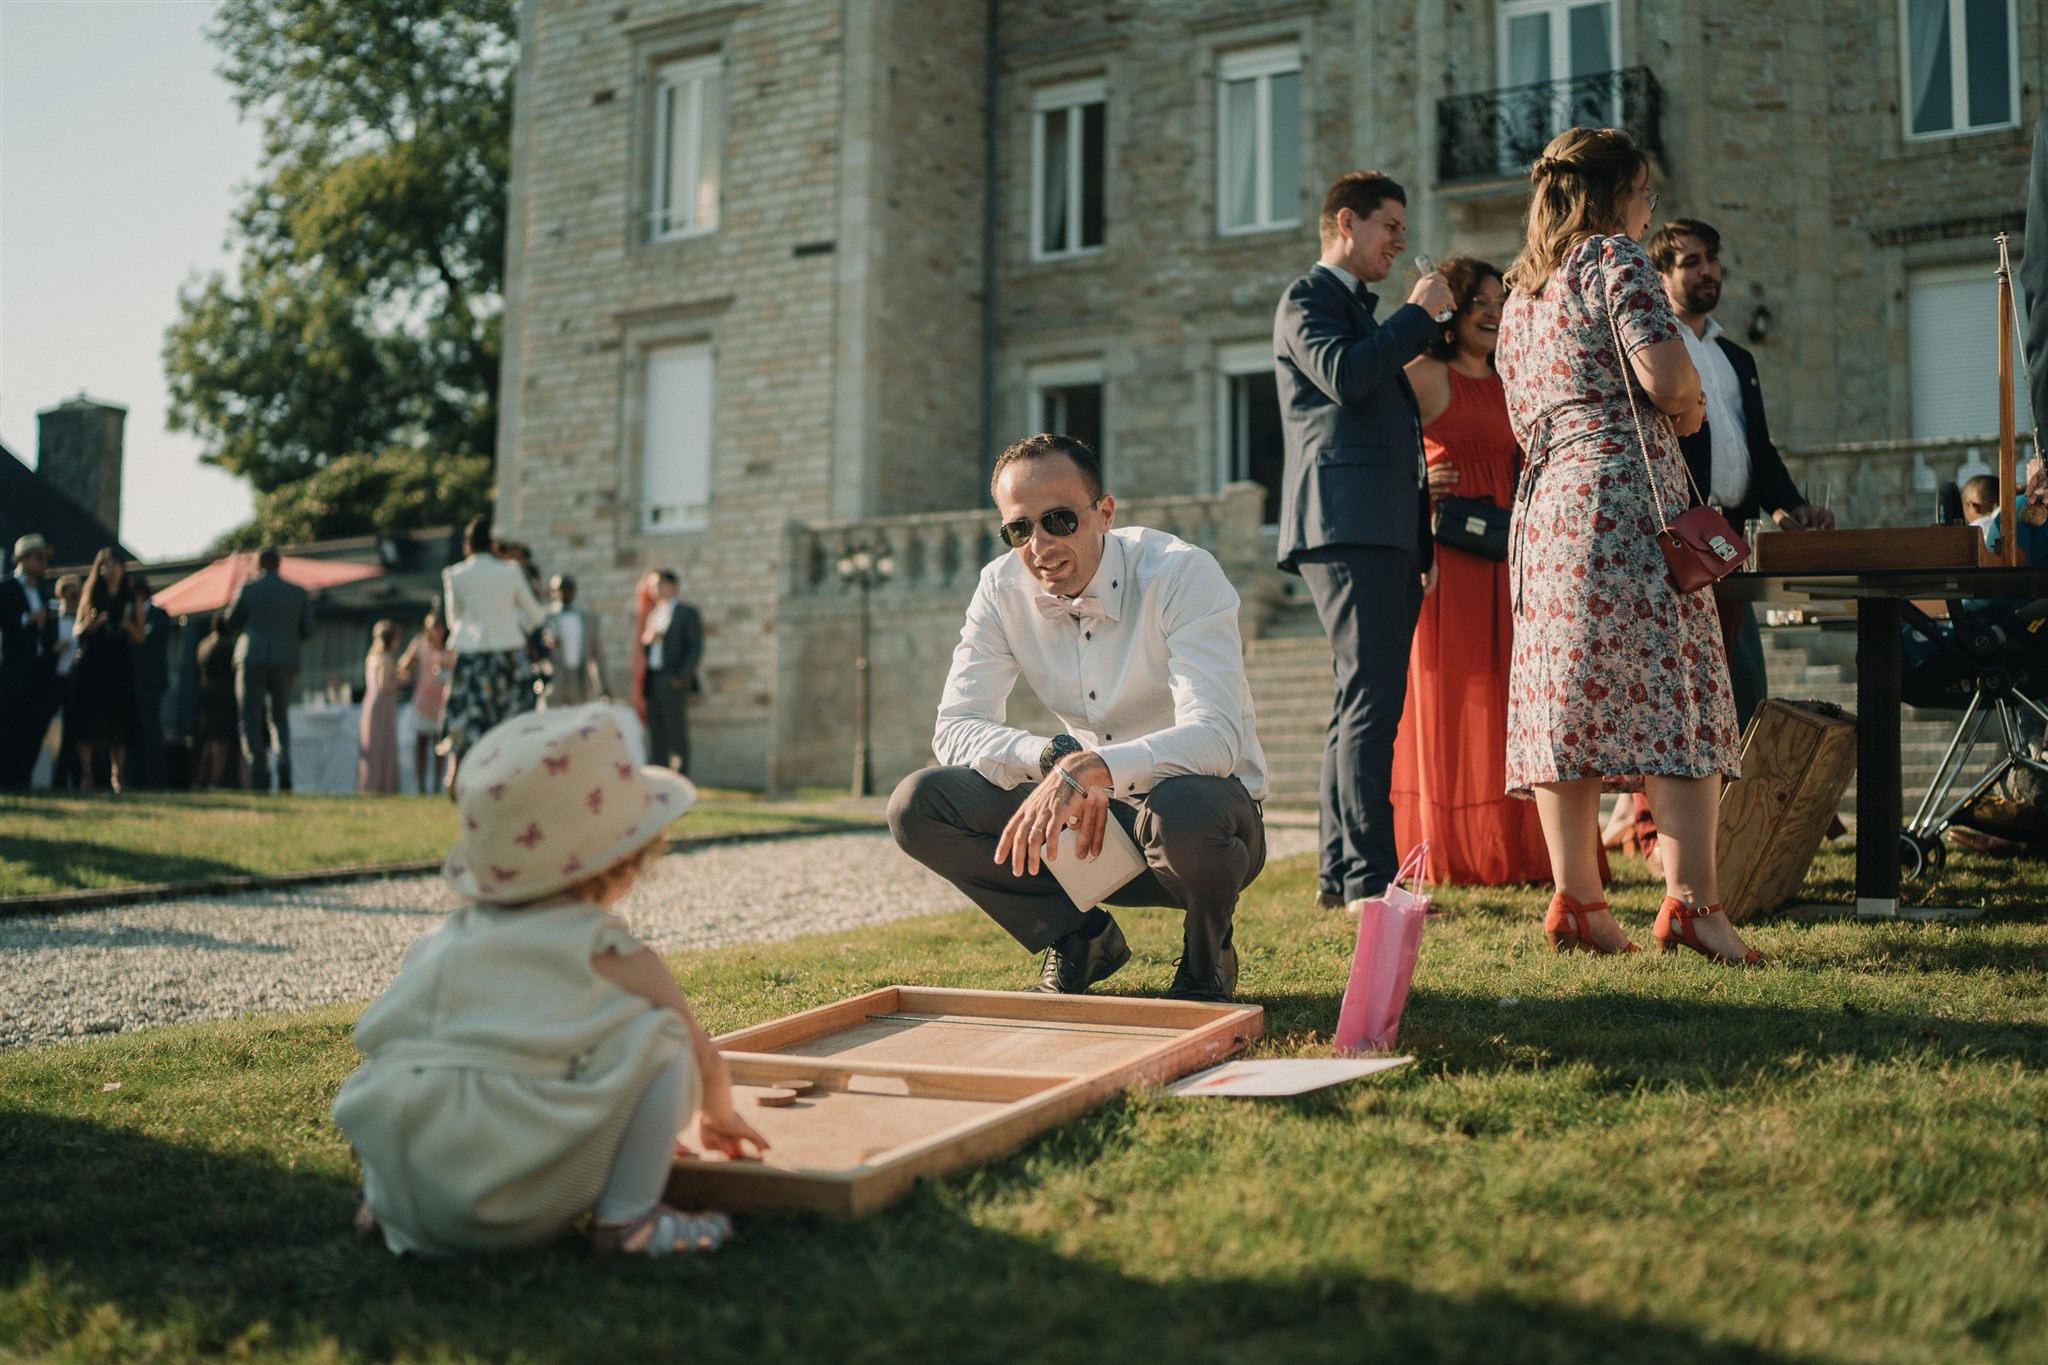 Elsa Yannick Photo De Mariage Au Manoir De Kerhuel À Plounéour Lanvern 20septembre12A7303193 Www.antoineborzeix.fr , Photographe & Videaste à Brest / Finistère